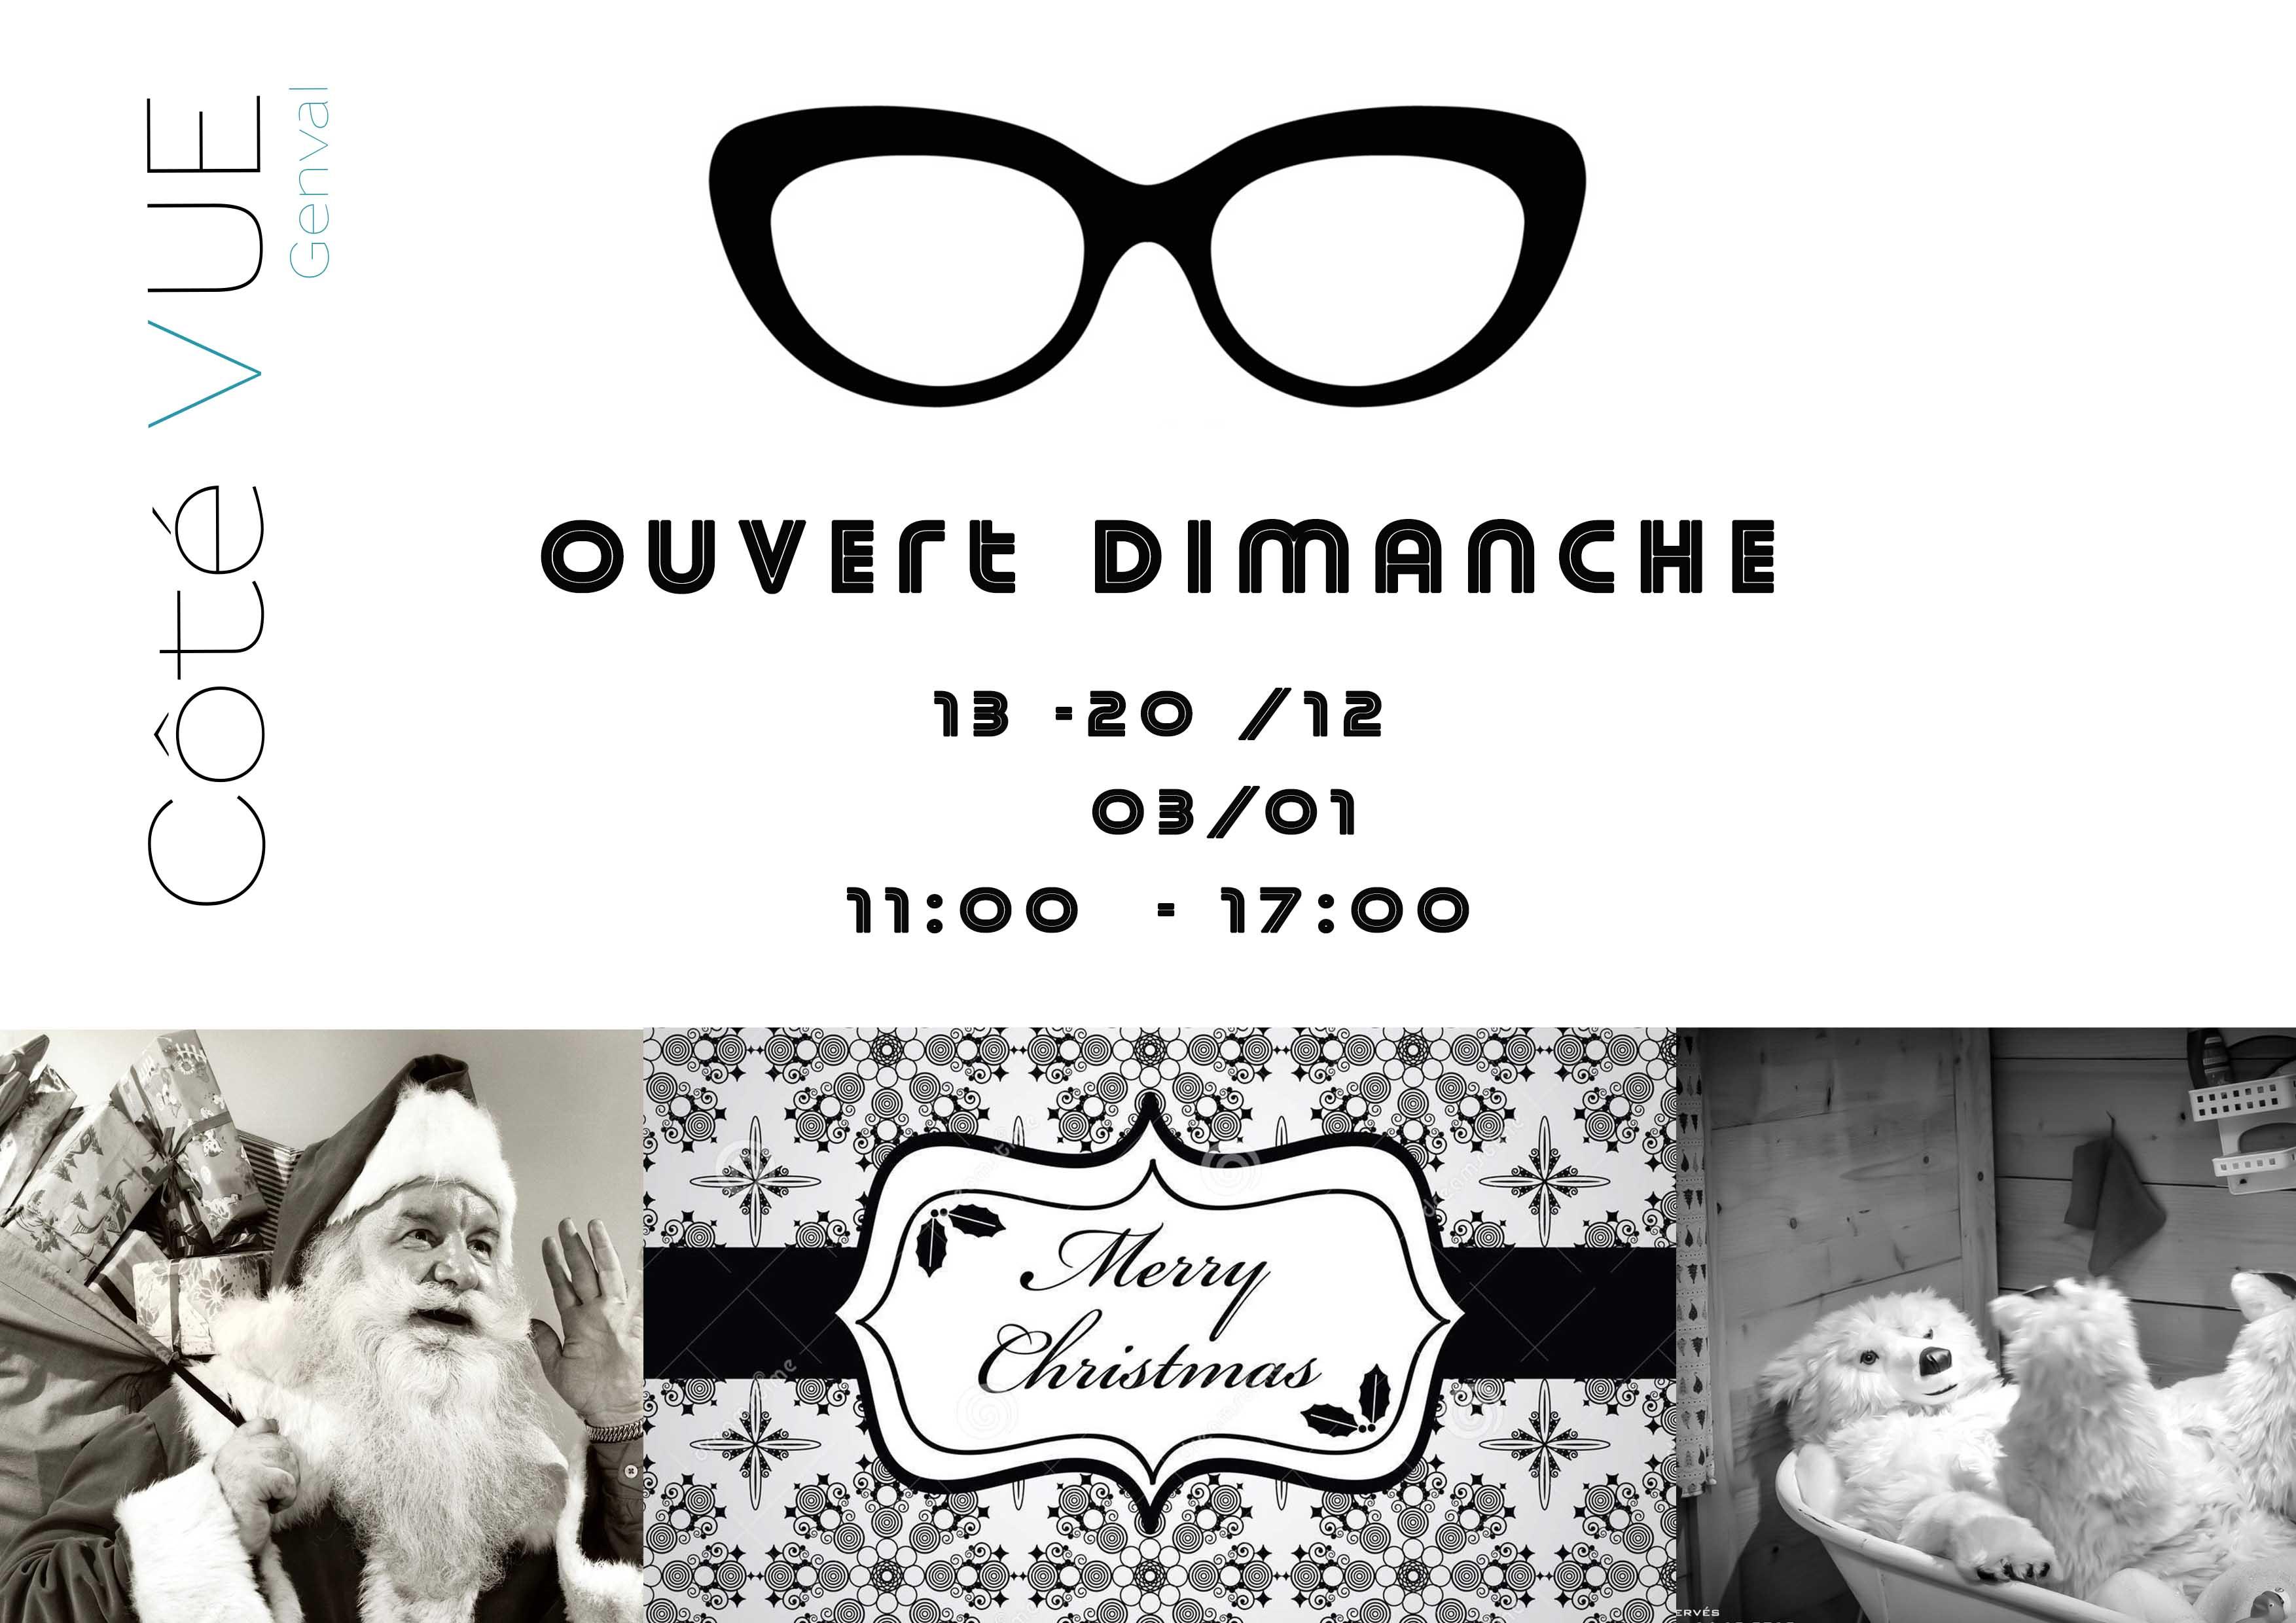 Votre opticien de Genval sera ouvert le dimanche durant la période des Fêtes